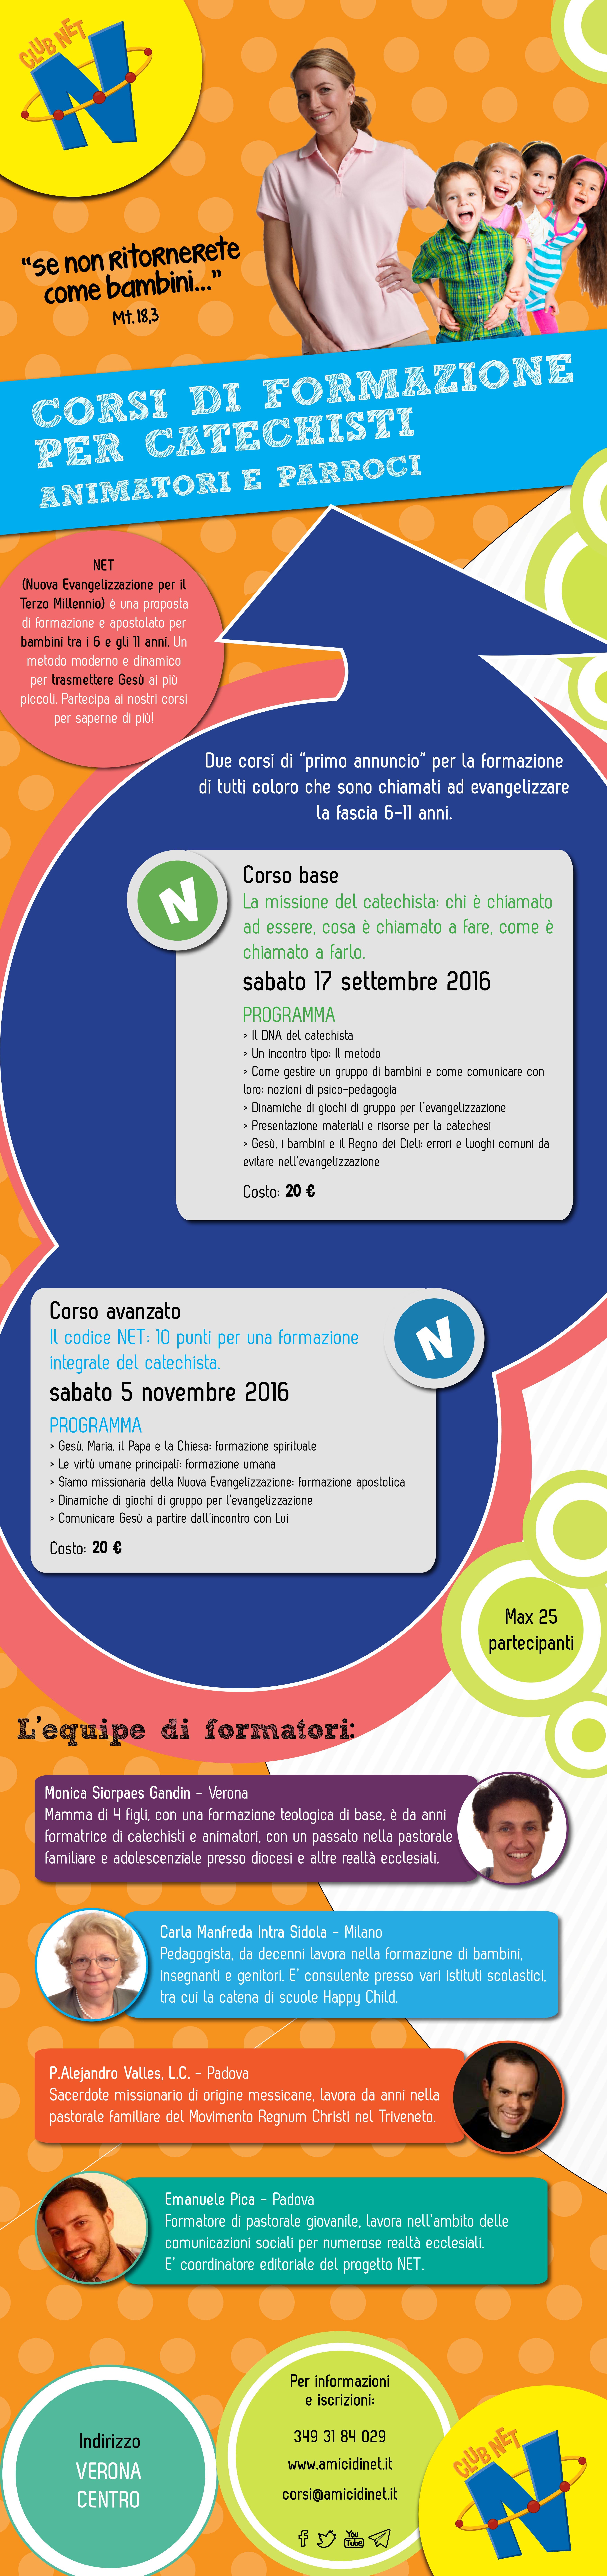 formazione_catechisti_Verona